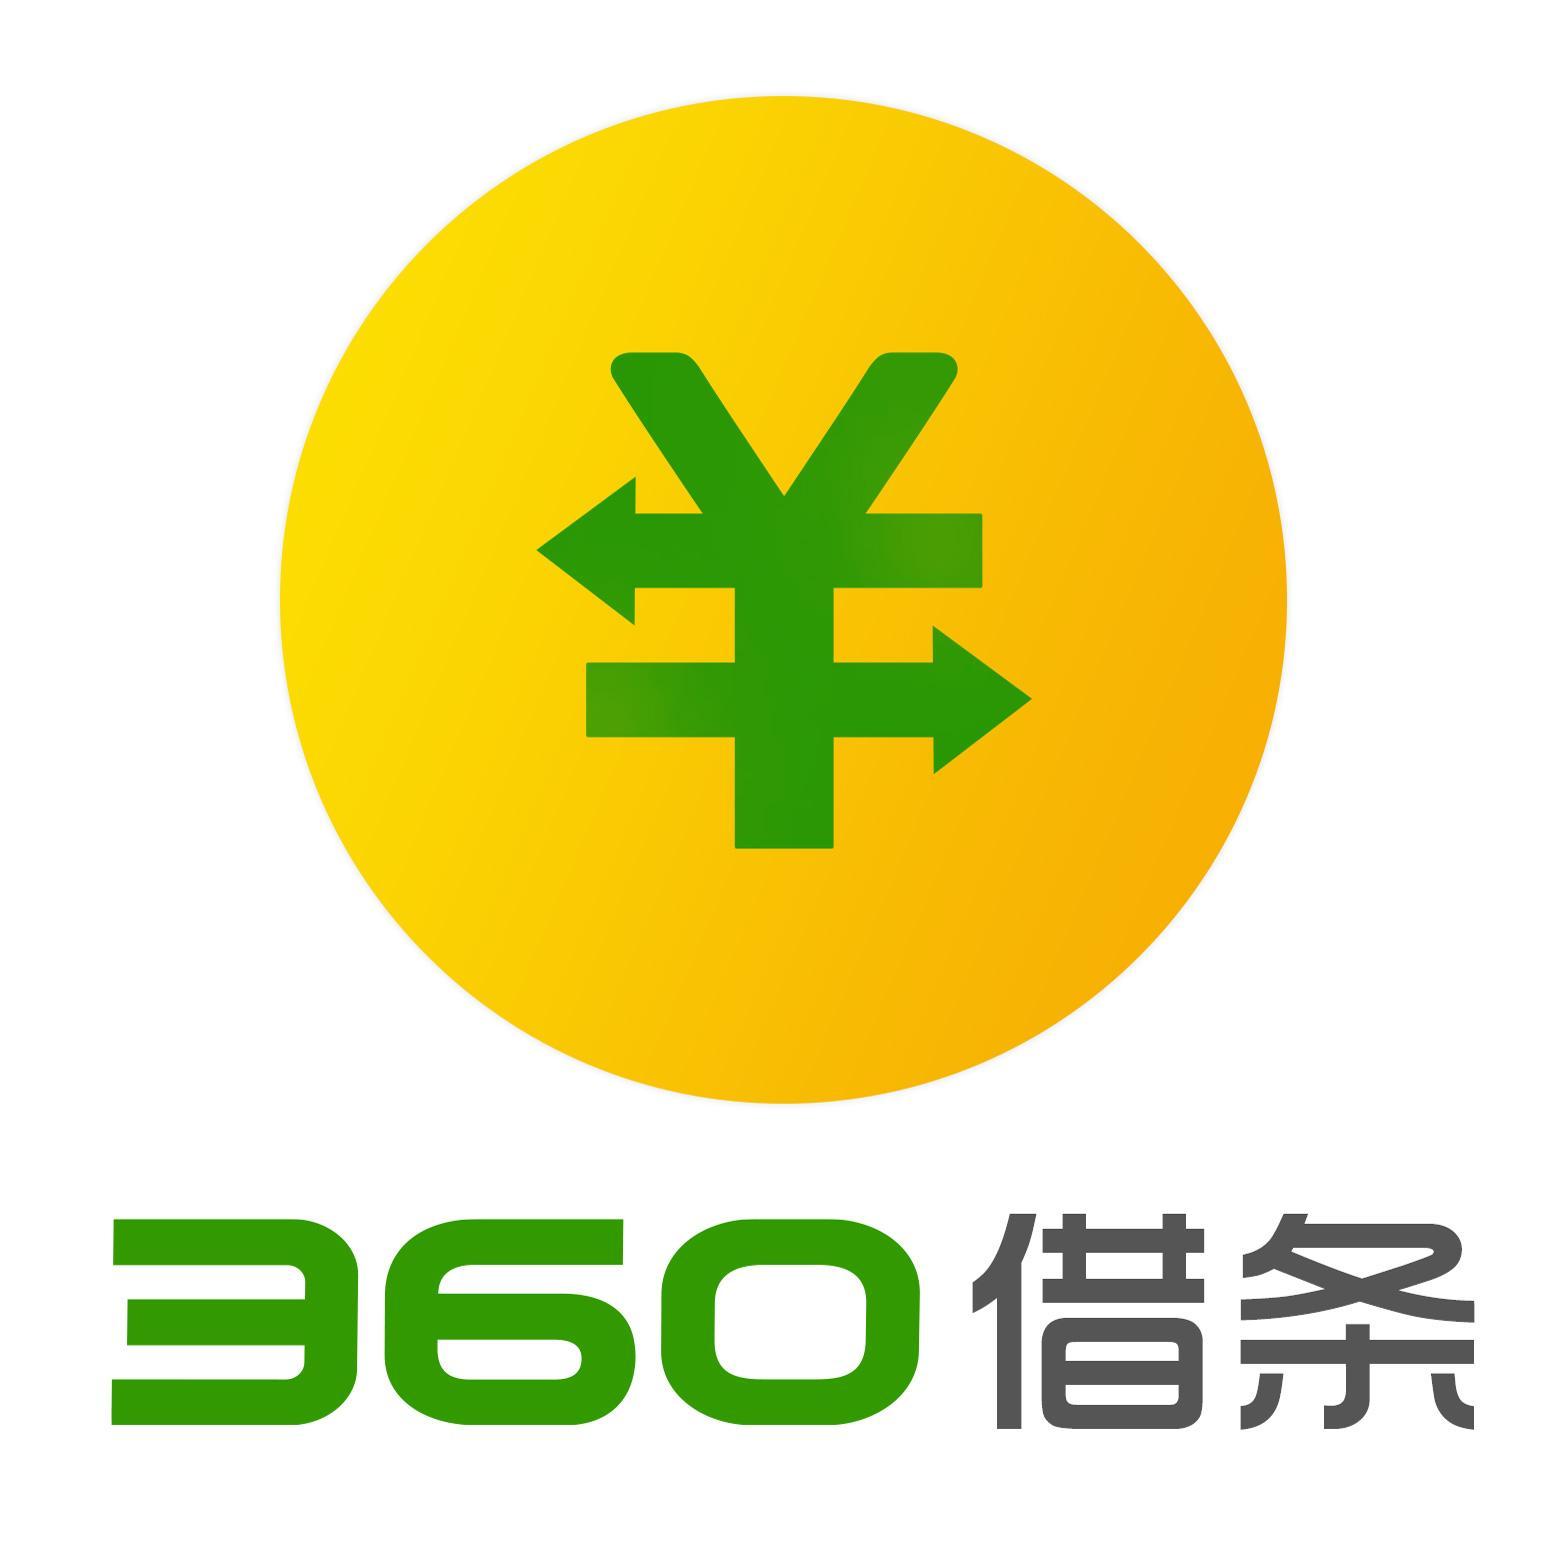 360,你就是社会的毒瘤,360借条推广再破下限